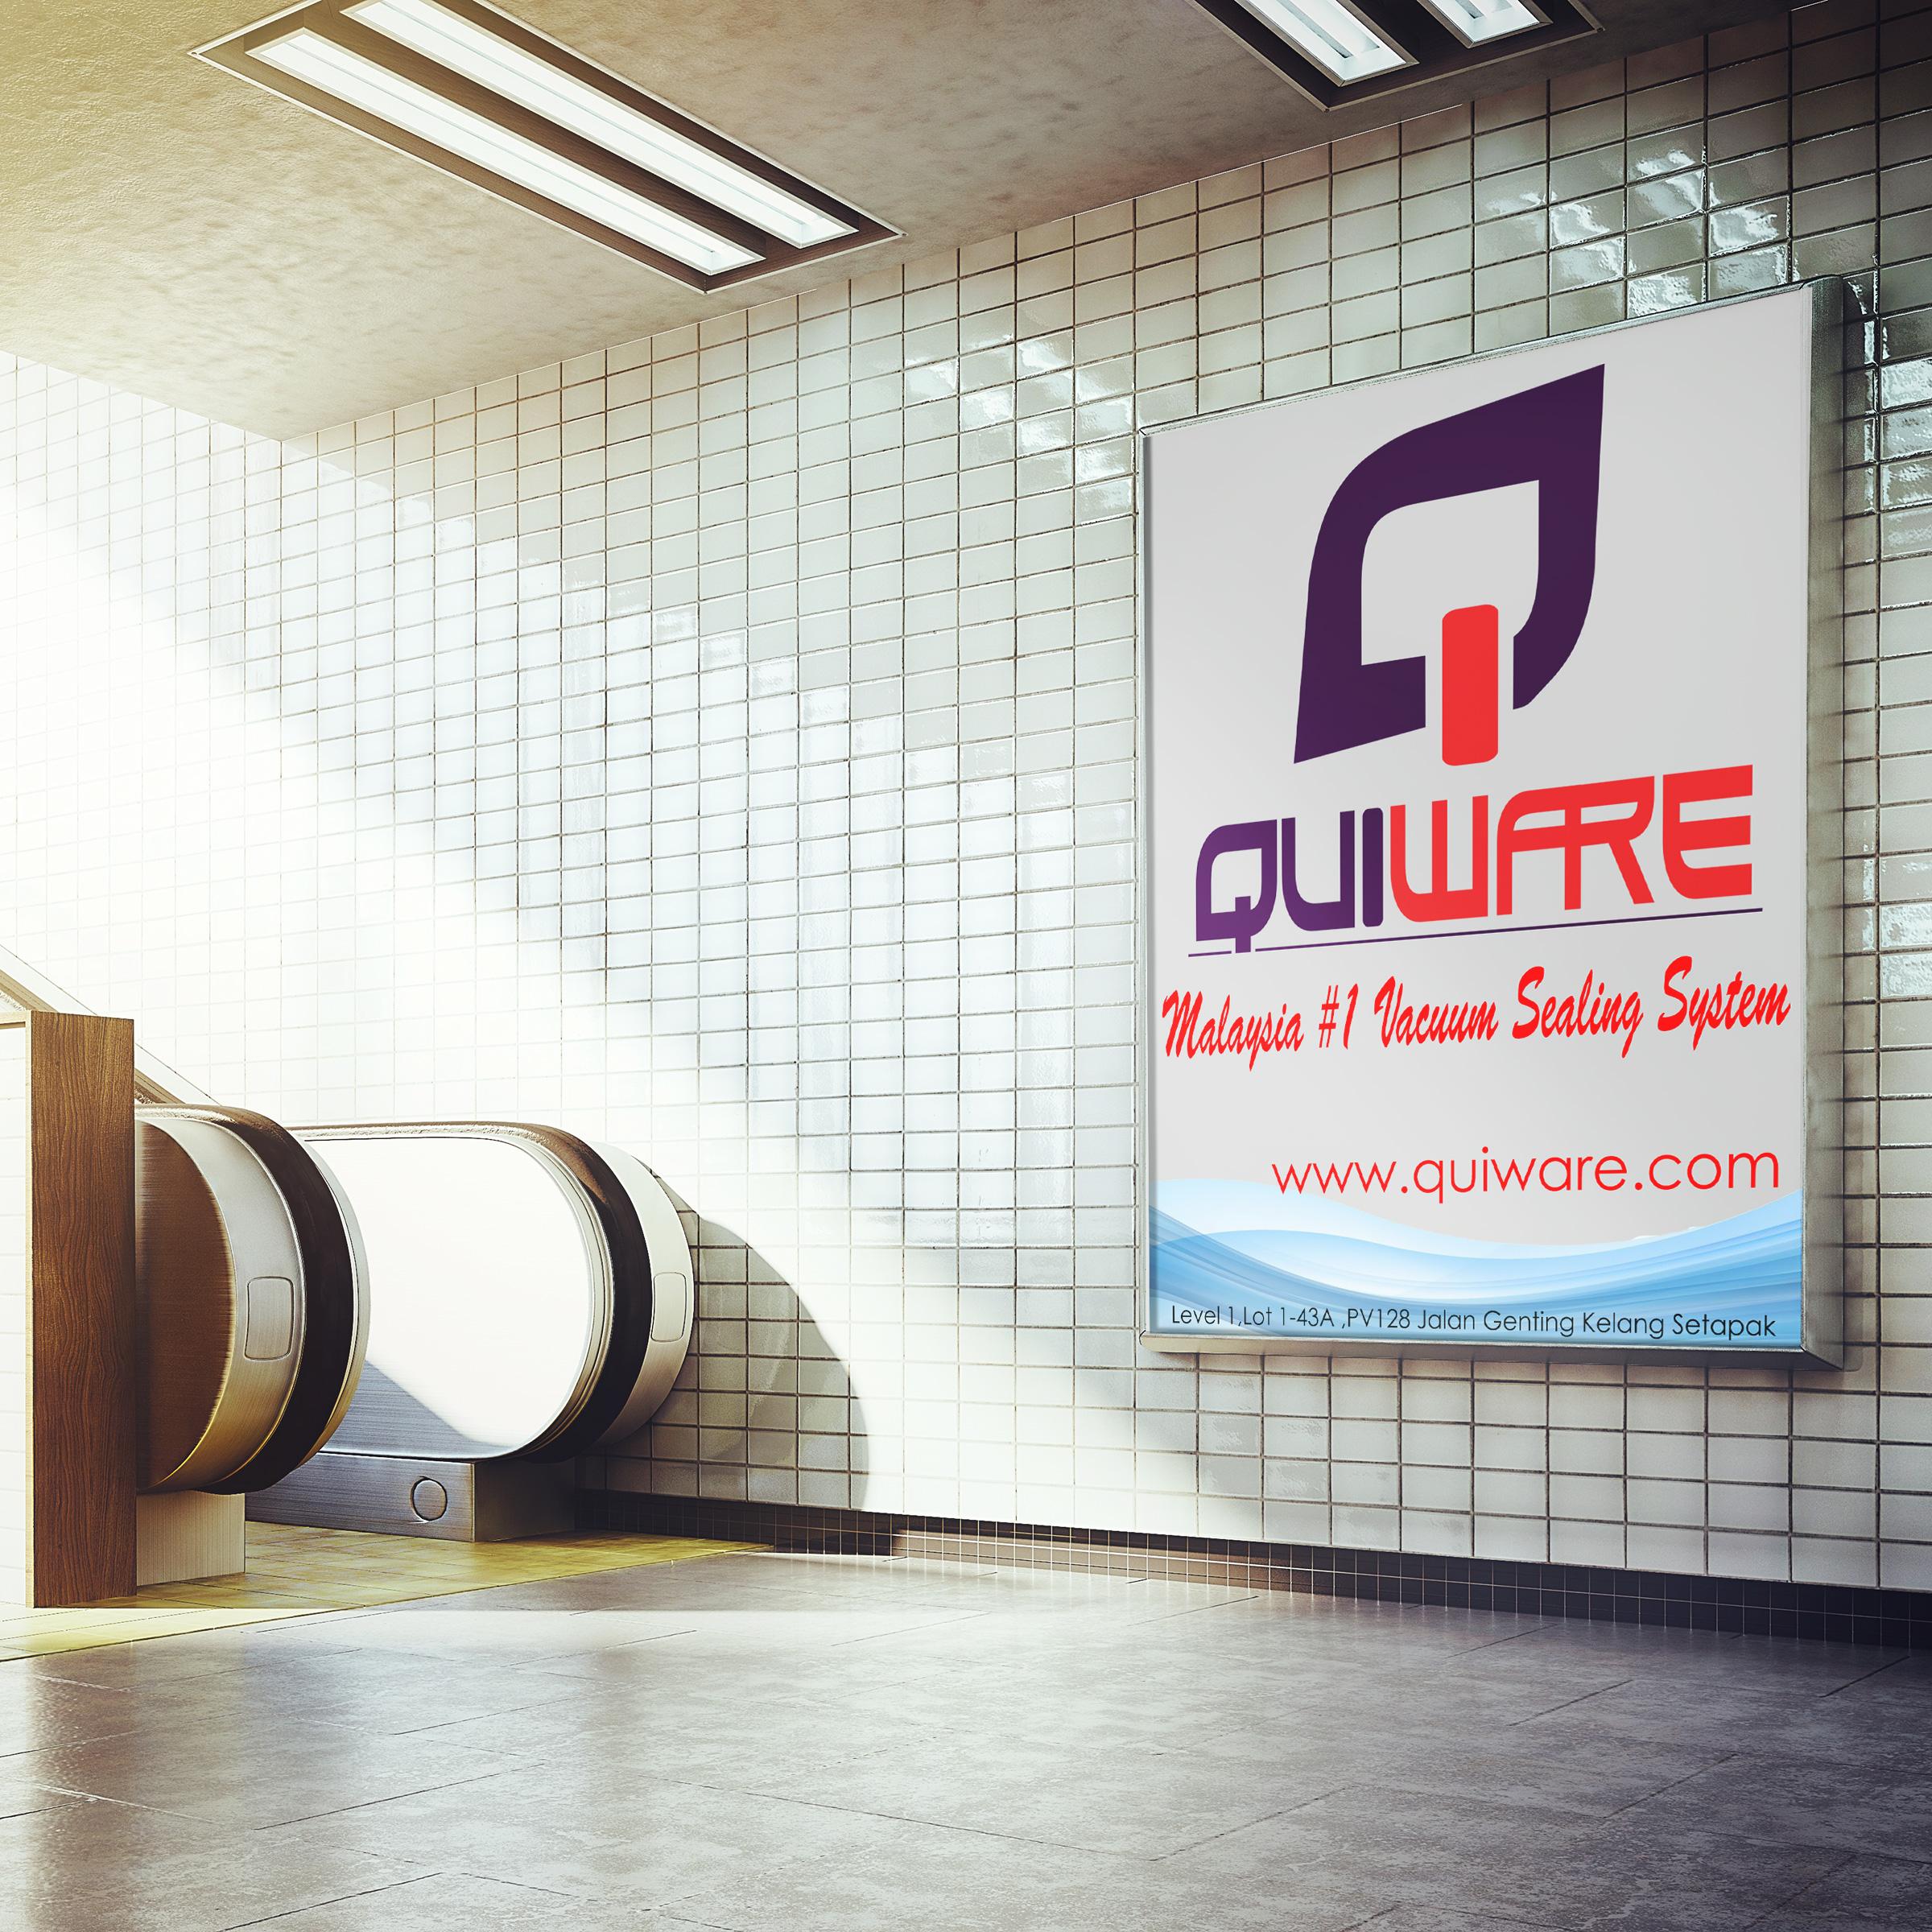 Quiware logo